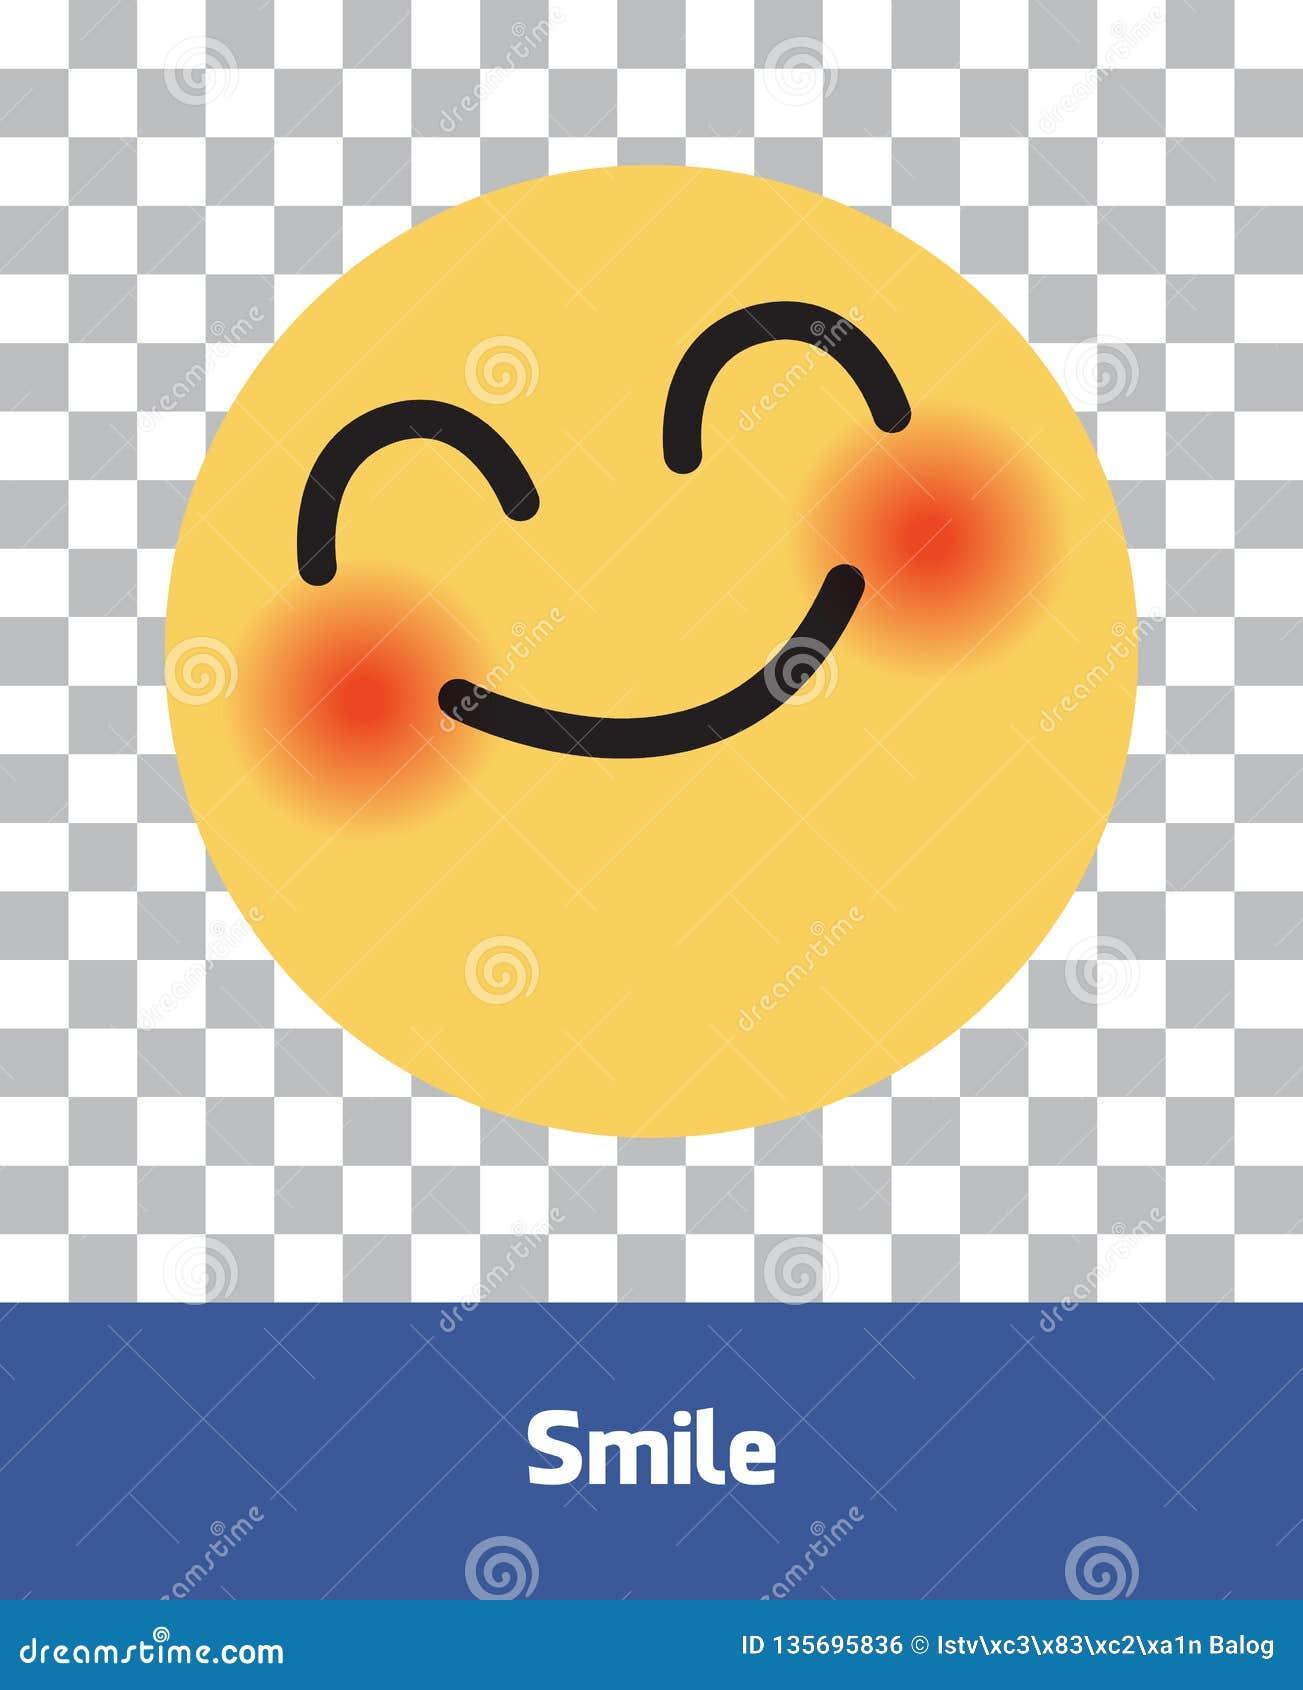 Facebook Emoji Icons  Vector Social Media Background  Vector